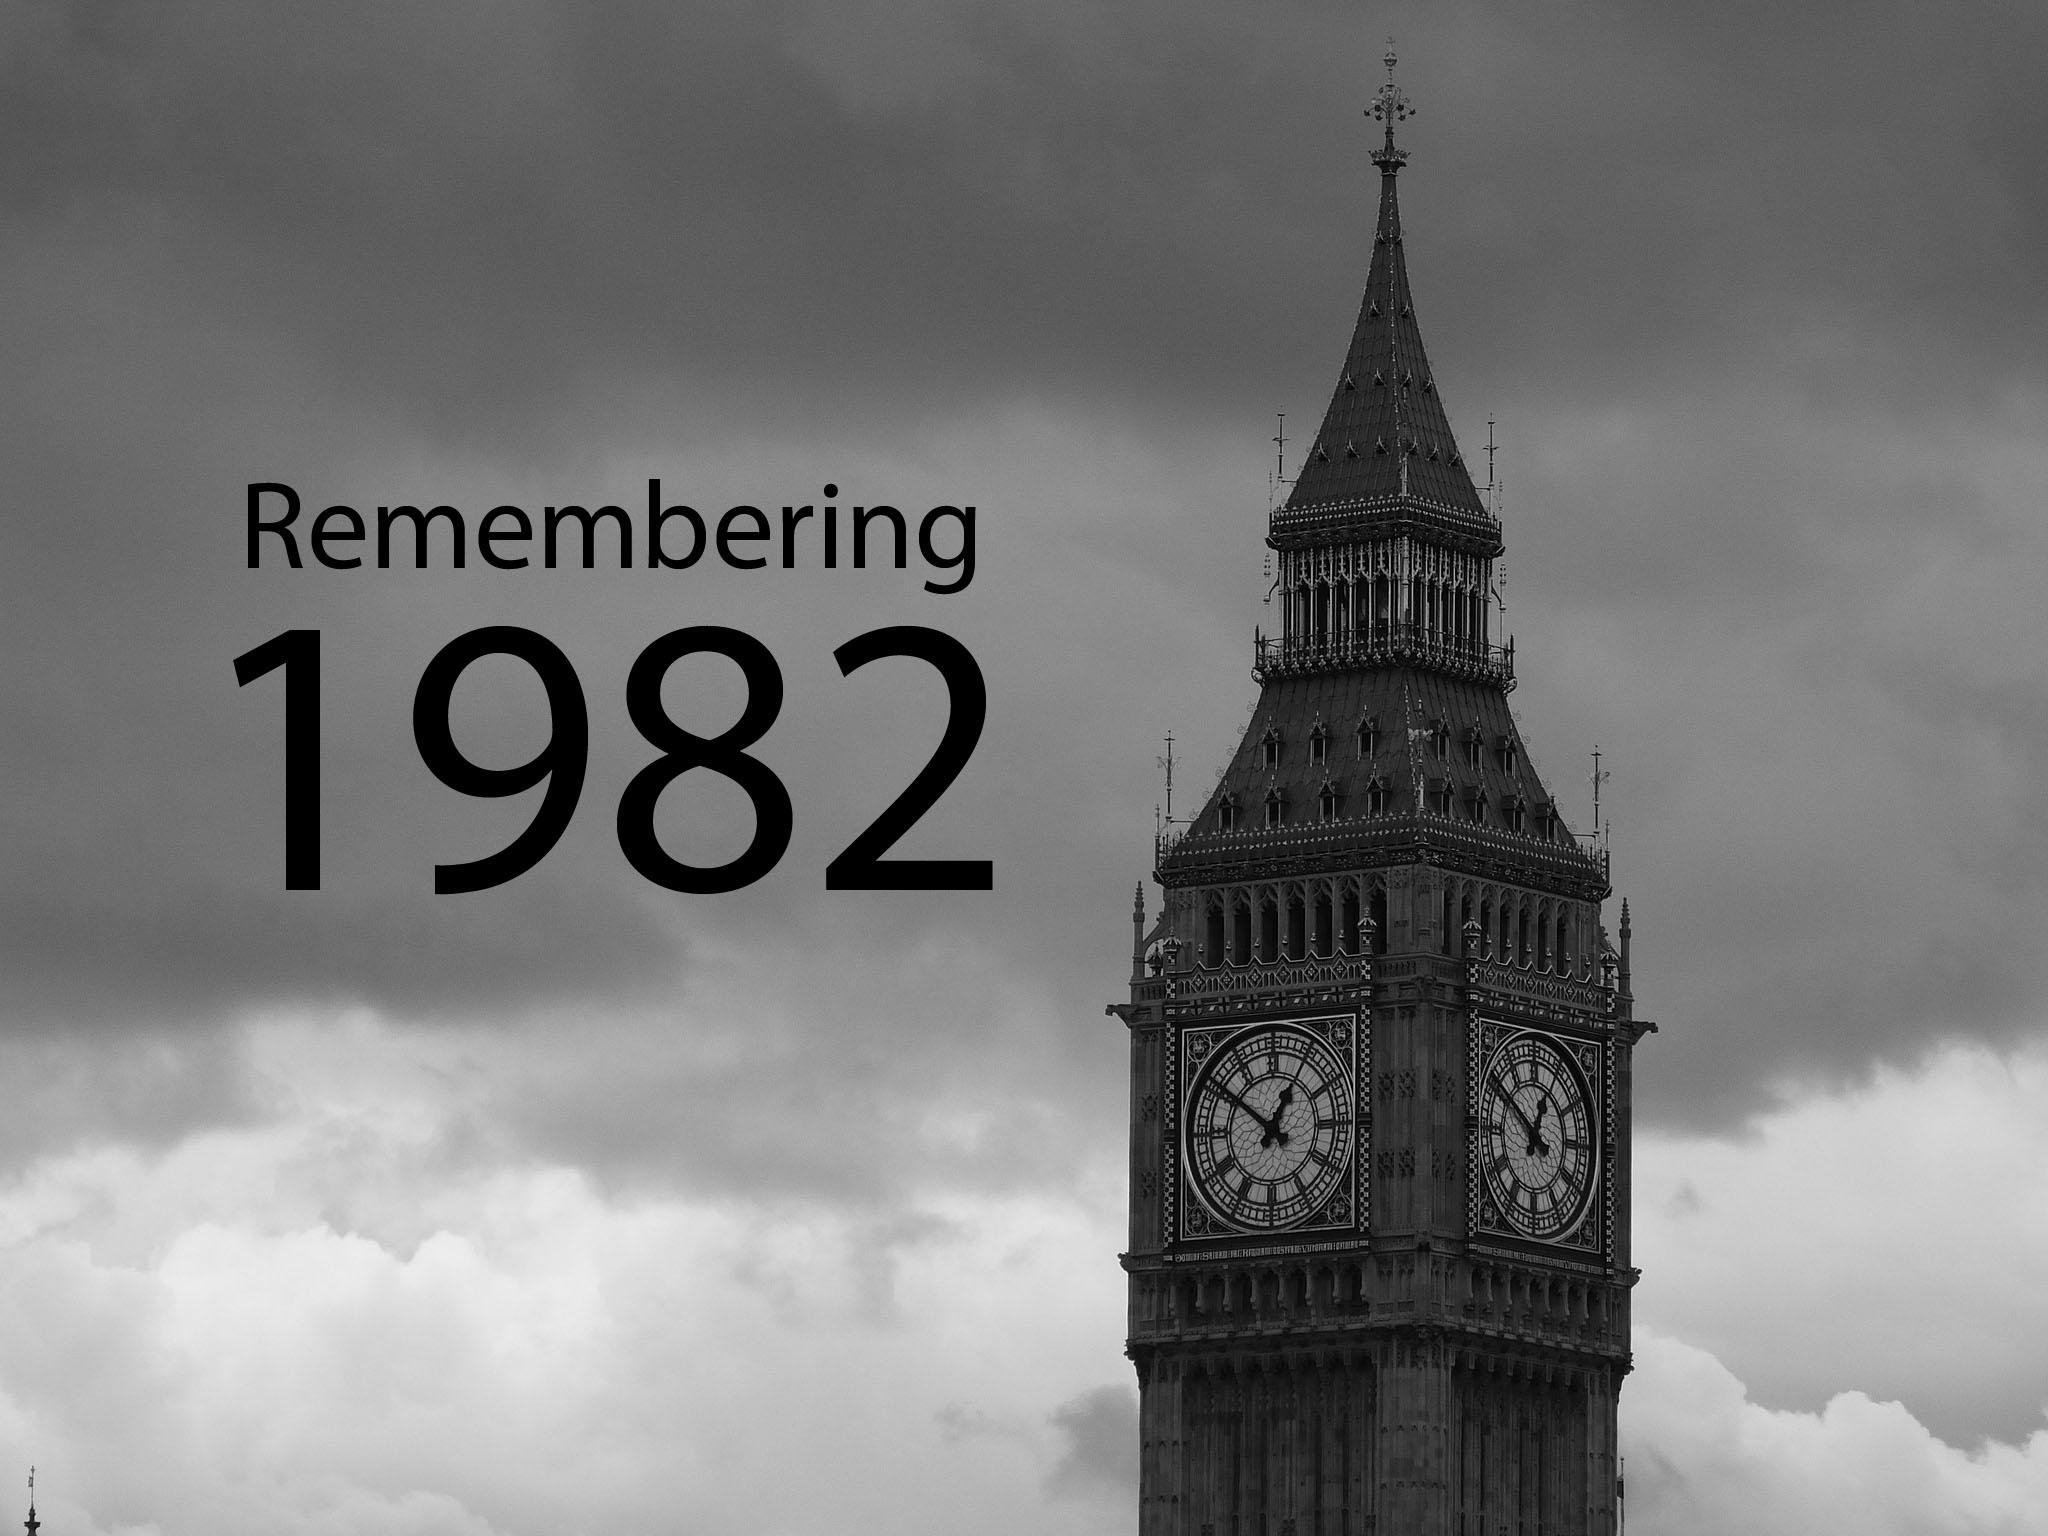 Remembering 1982